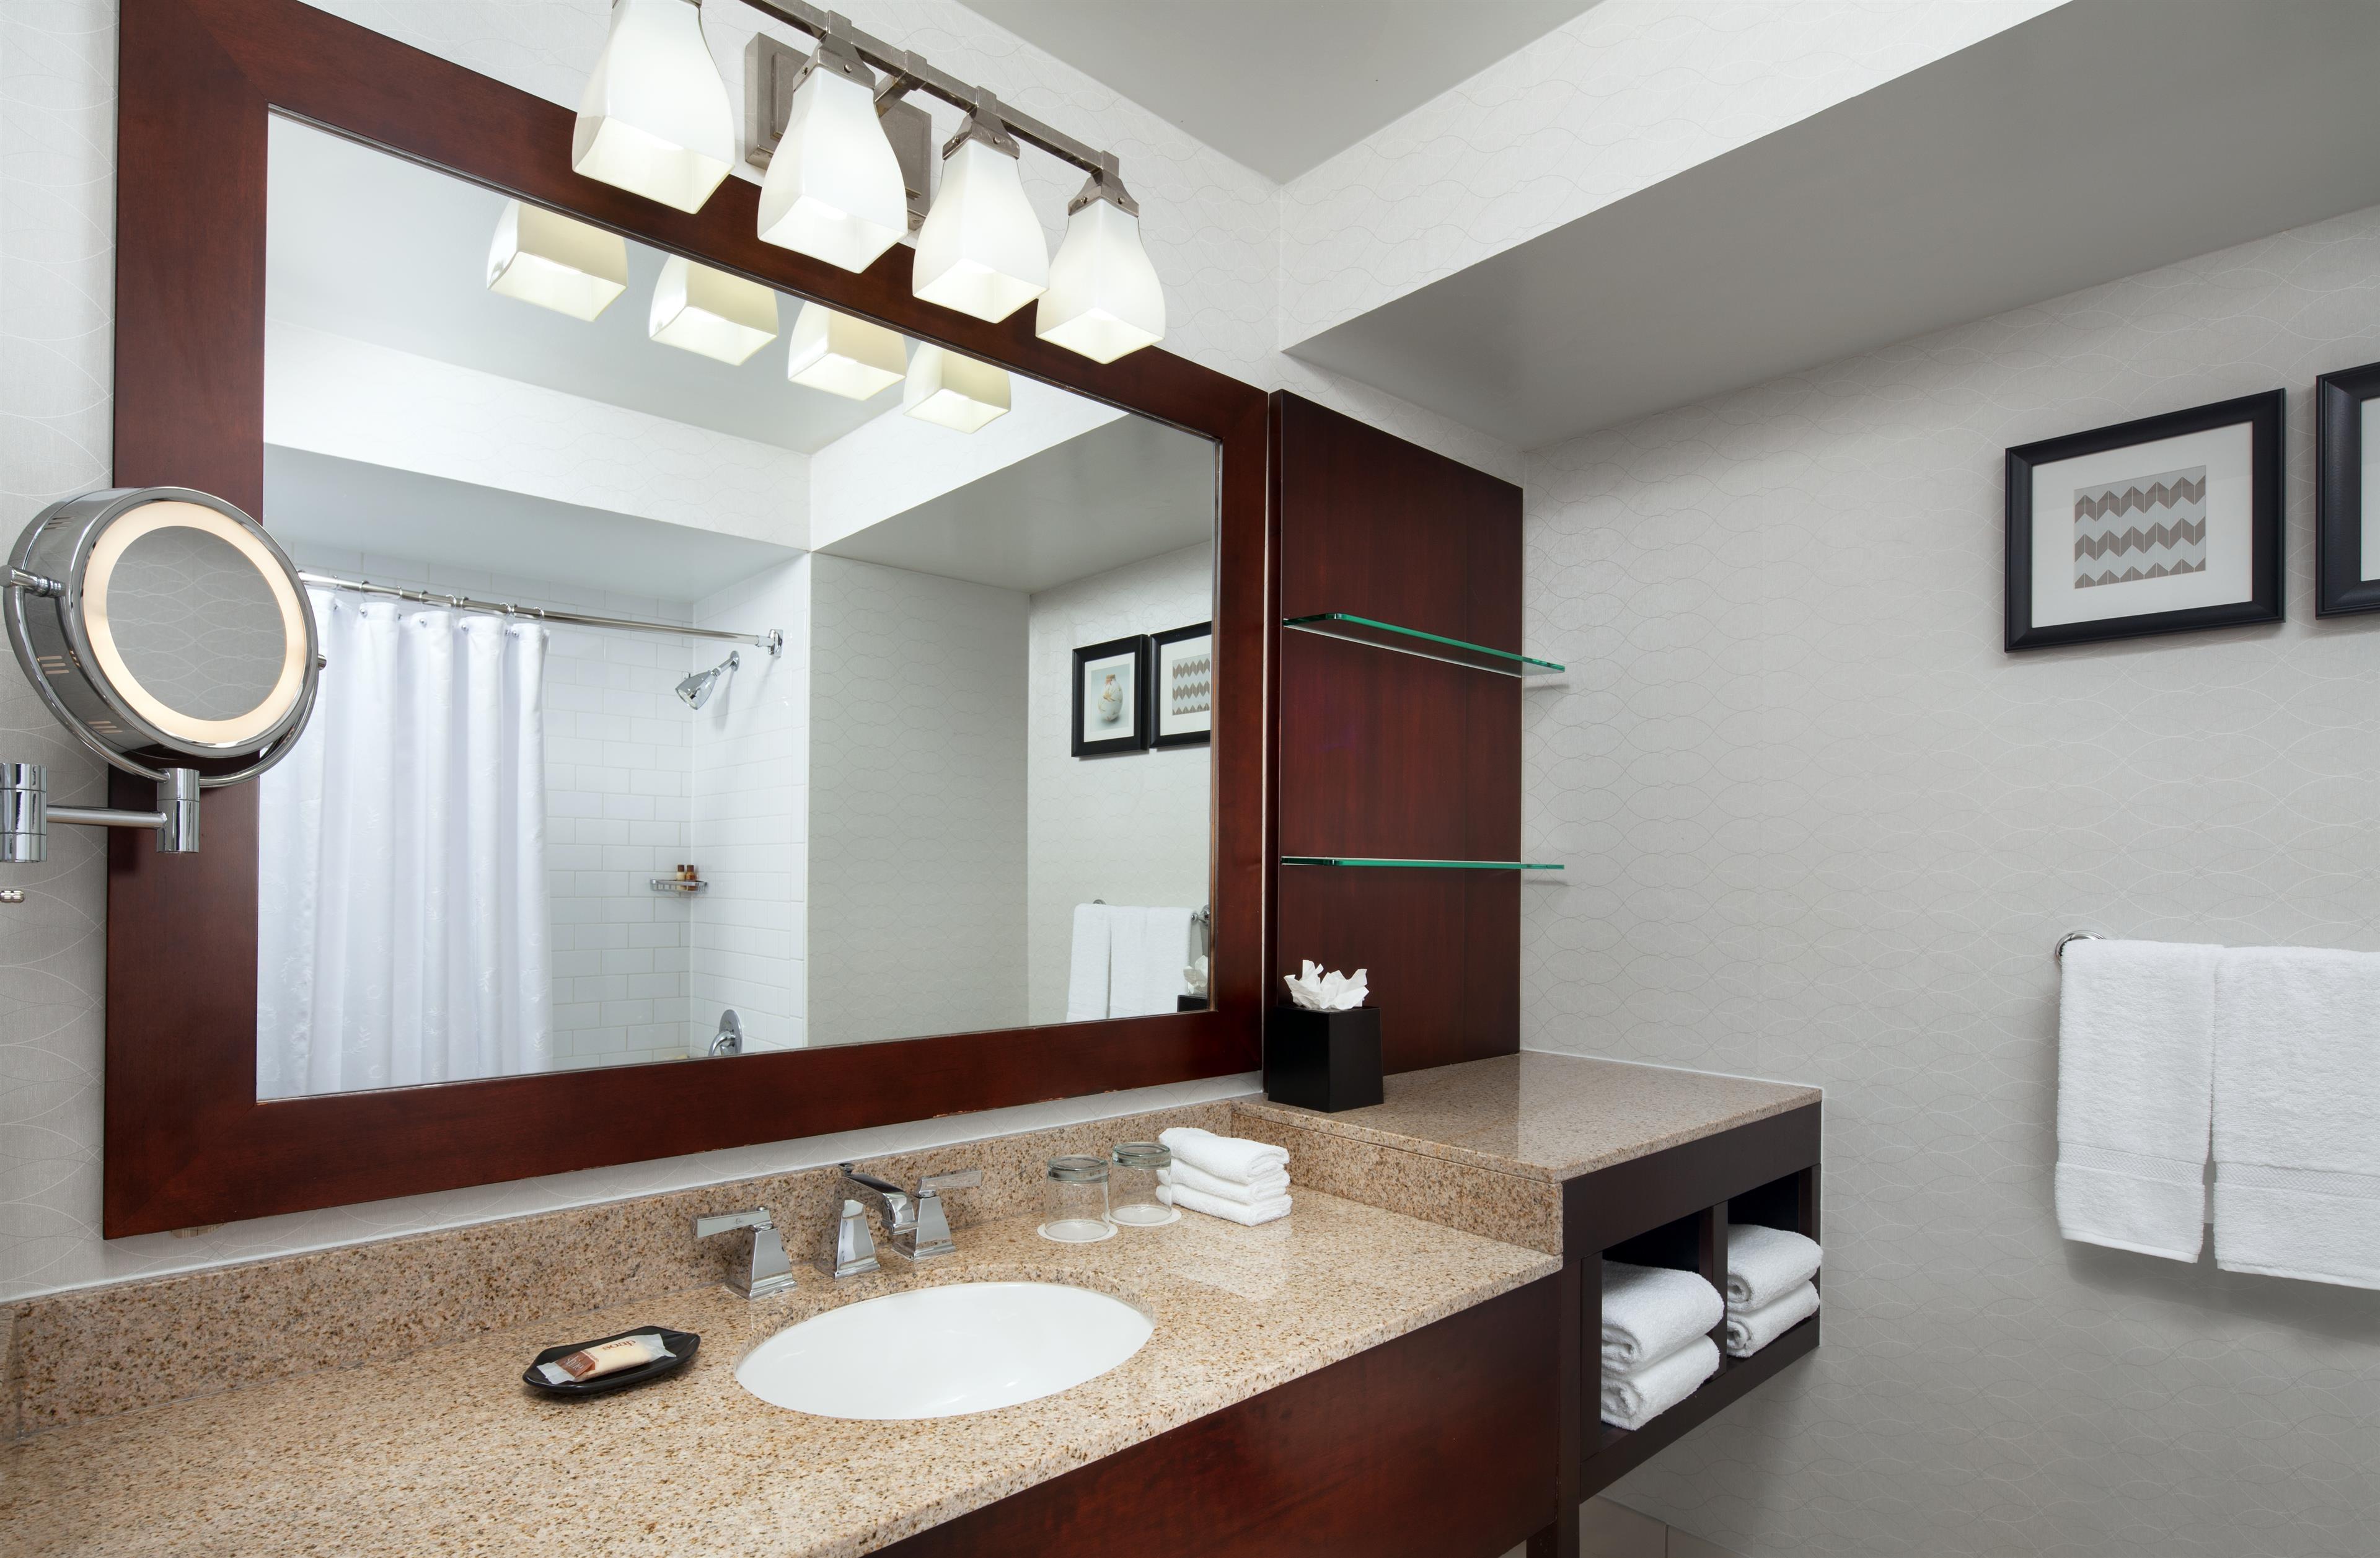 Sheraton San Jose Hotel image 15